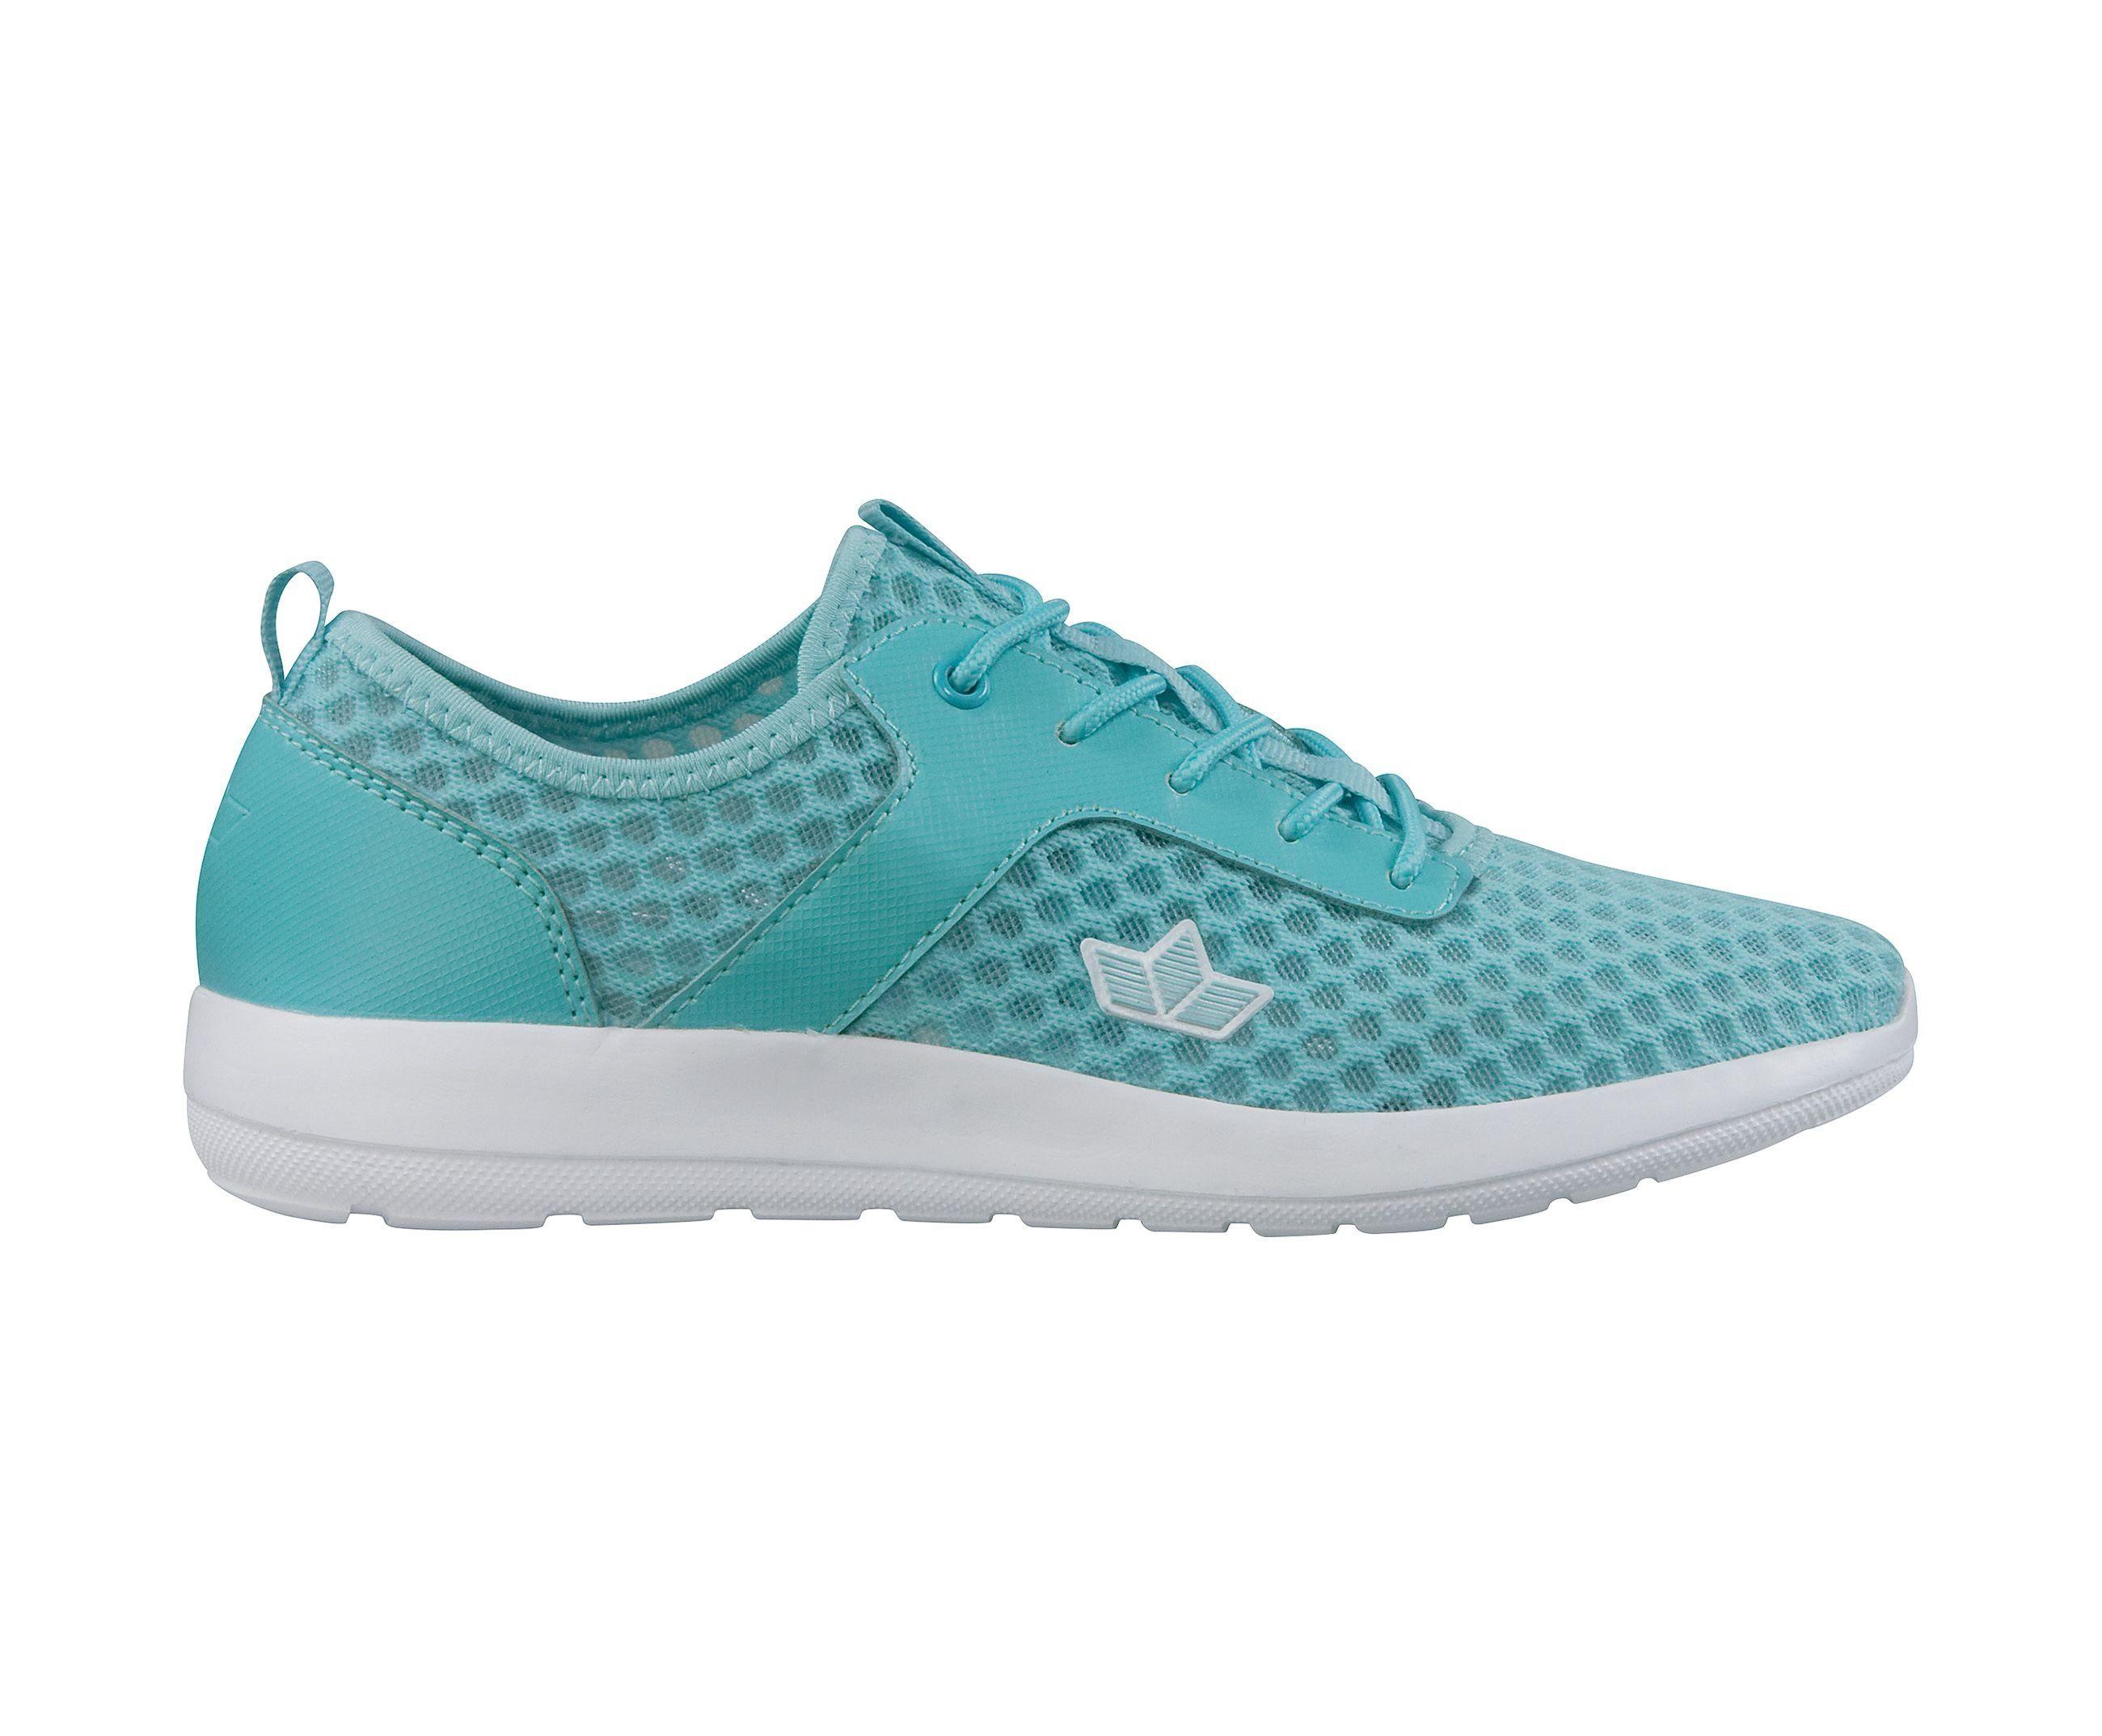 Lico Freizeitschuh Shade Sneaker online kaufen  blau